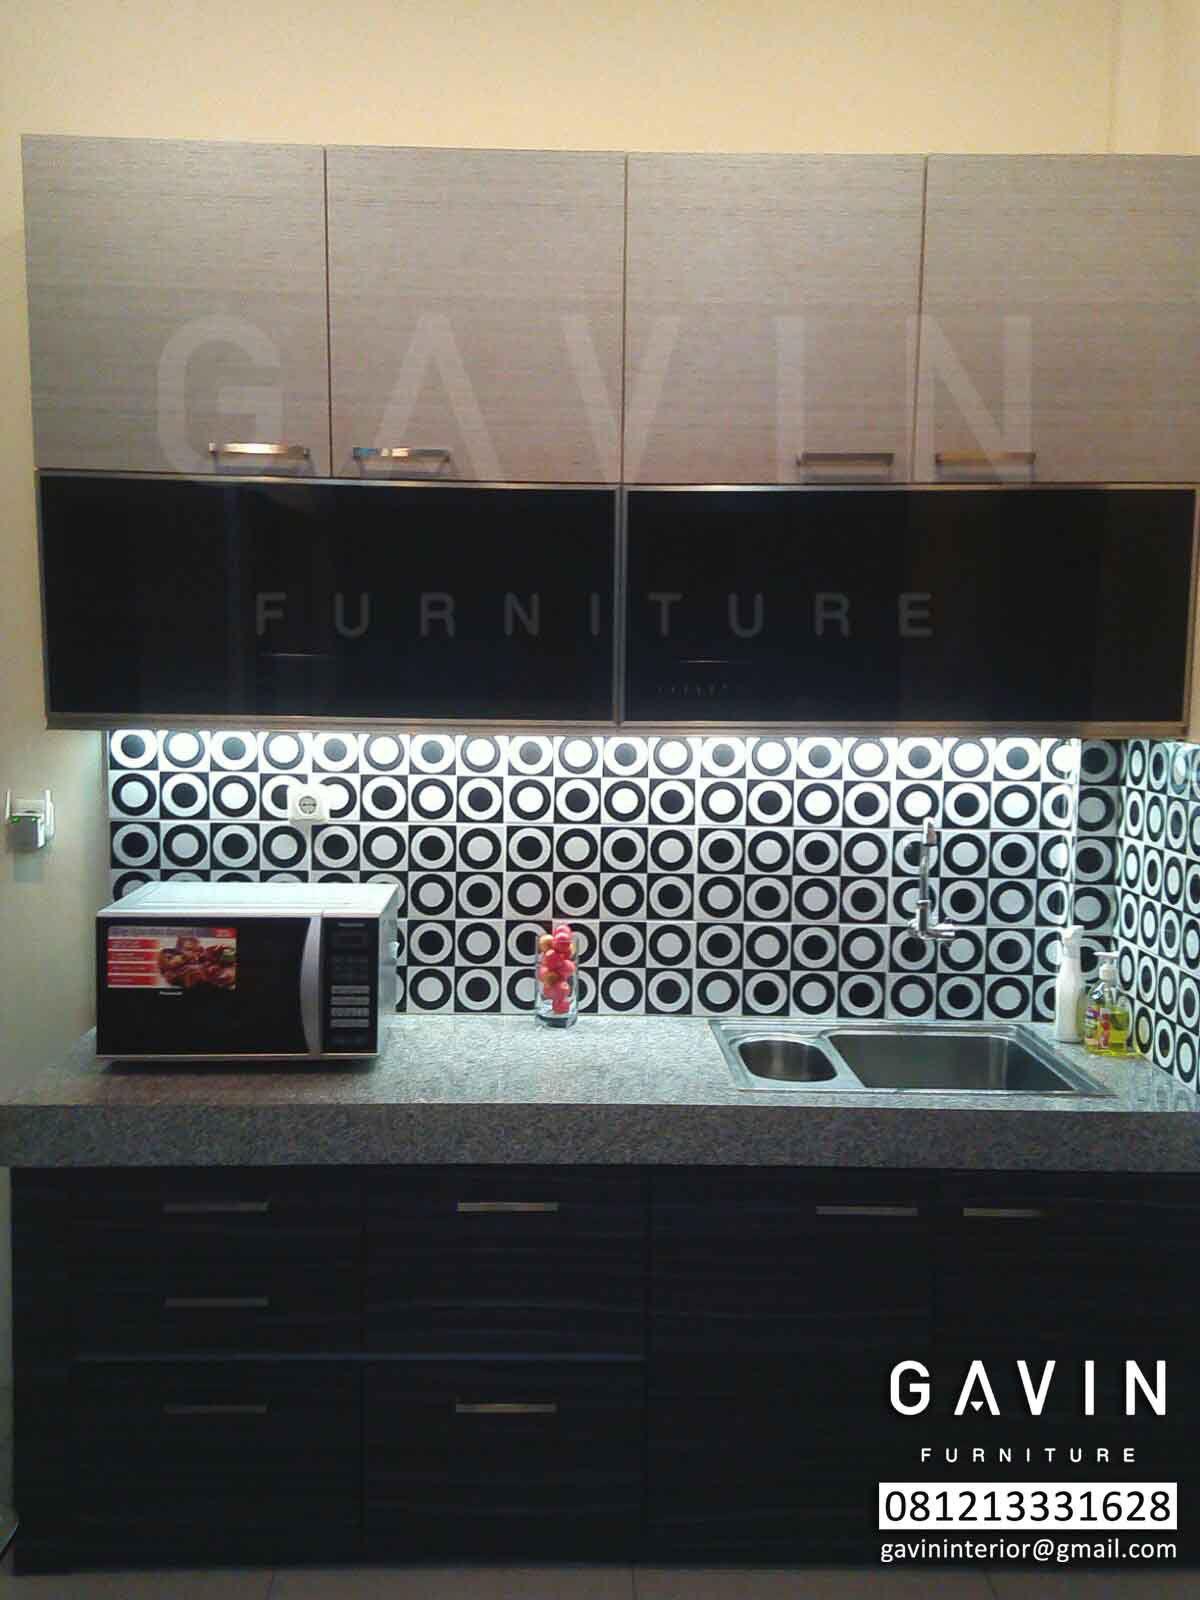 Harga kitchen set per meter disesuaikan dengan jenis bahan yang digunakan harga kitchen set per meter